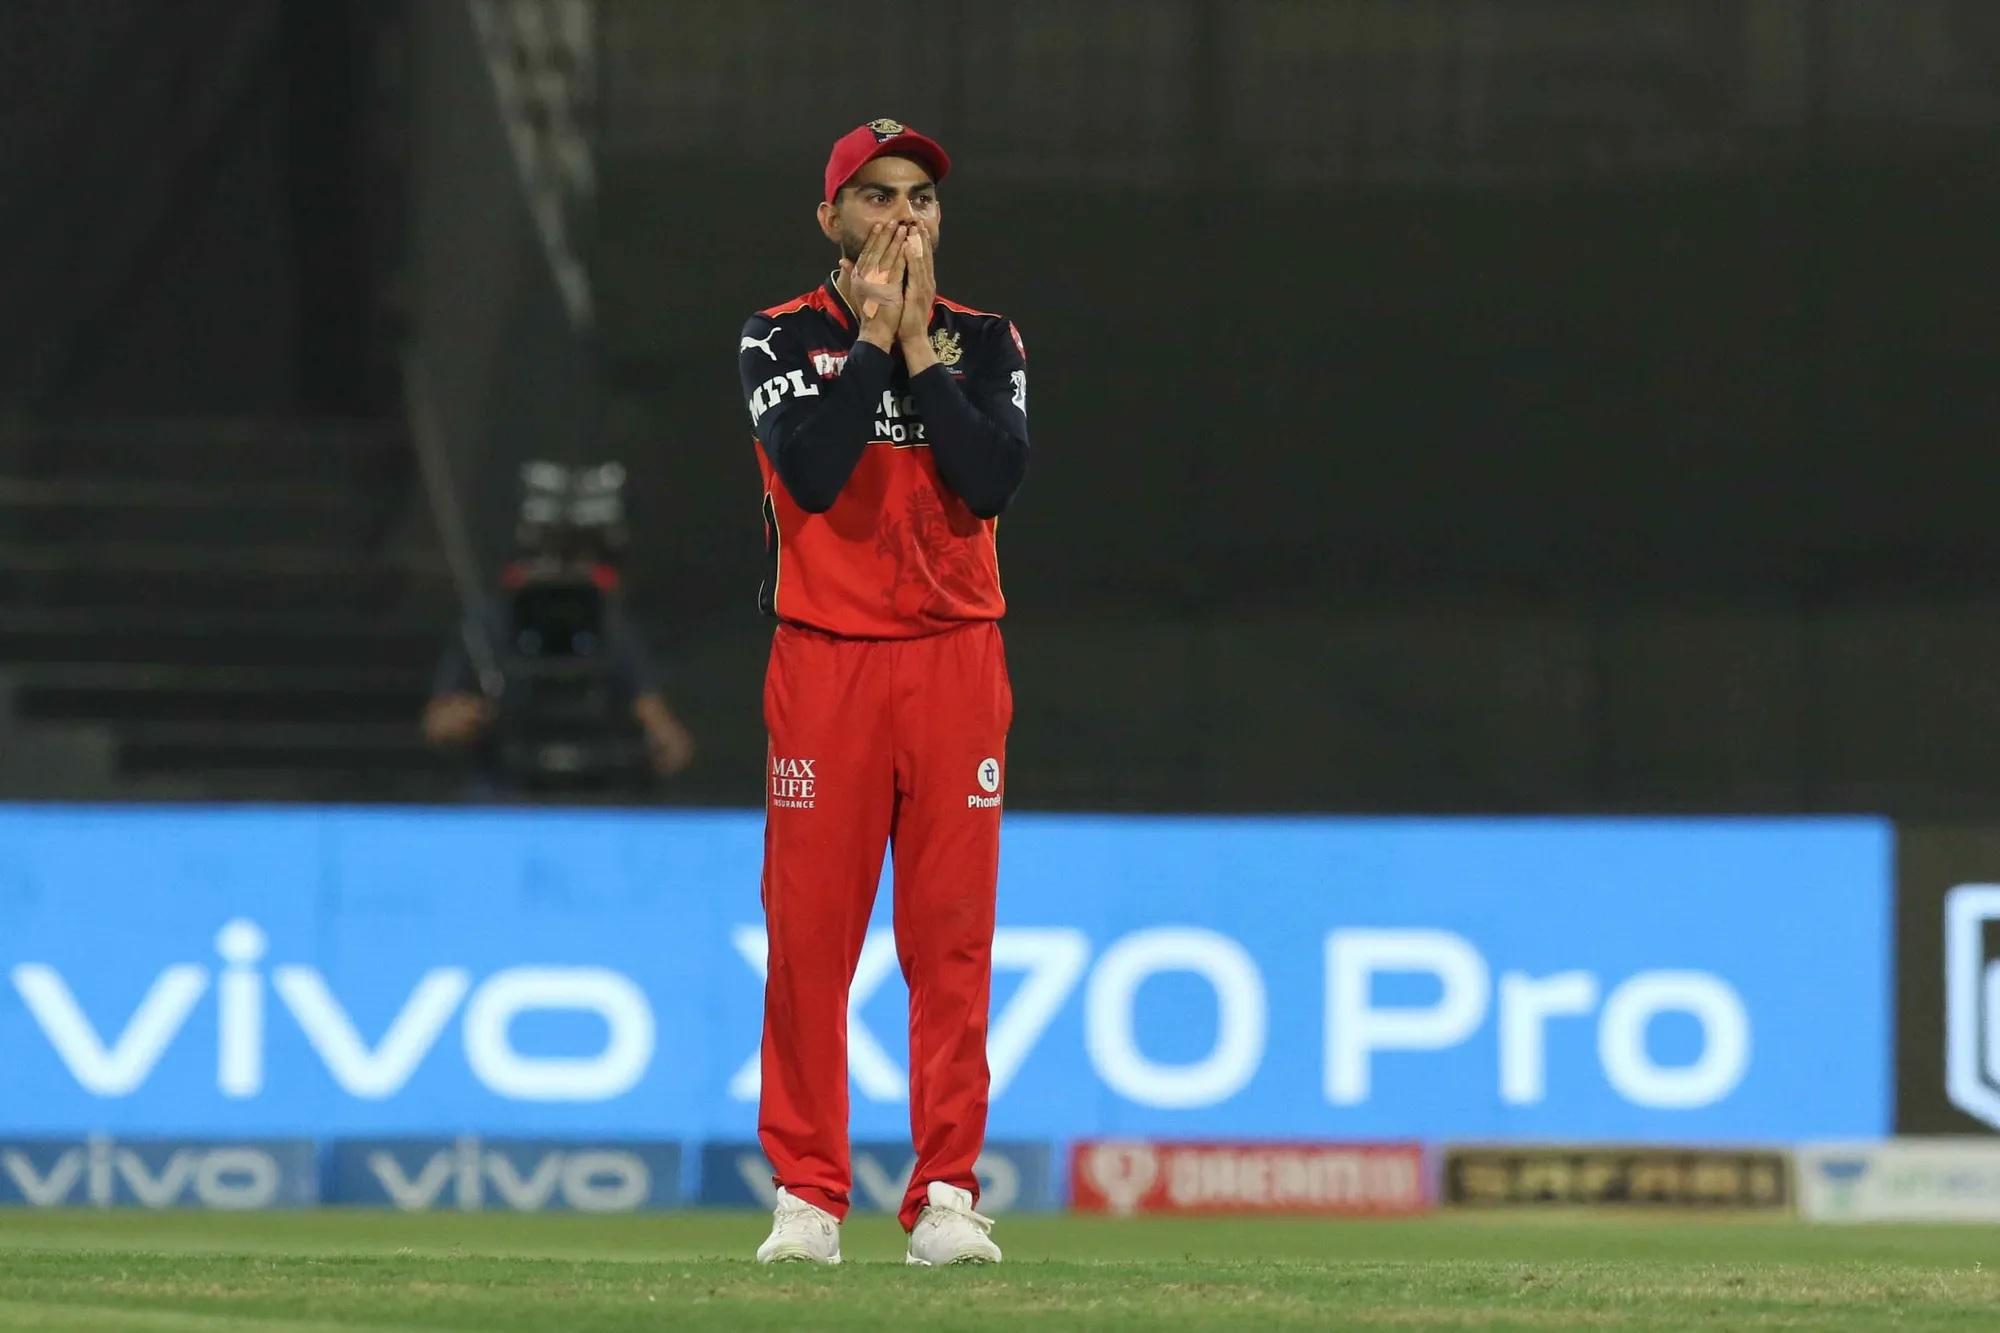 ये वो खिलाड़ी है, जो अपने पिता के देहांत के बाद ही अगले दिन मैदान में क्रिकेट खेल रहा था। तब भी उन्होंने एक बूंद आंसू का नहीं टपकाया था। जिस समय कोहली के पिता का देहांत हुआ उस समय वे कर्नाटक के खिलाफ खेल रहे थे। उन्होंने बताया था कि सुबह के ढाई बजे उनका देहांत हुआ। परिवार के सभी लोग टूट गए और रोने लगे, लेकिन मेरी आंखों से आंसू नहीं आ रहे थे। मैं समझ नहीं पा रहा था कि क्या हो गया और मैं सन्न था। अगले दिन मुझे मैच खेलना था।' इस मैच में उन्होंने 90 रन बनाए थे। ये वाकया दिसंबर 2006 का है। तब से लेकर अब अक्टूबर 2021 में कोहली को रोते हुए देखा गया। अगली तस्वीर उसी पल की है।